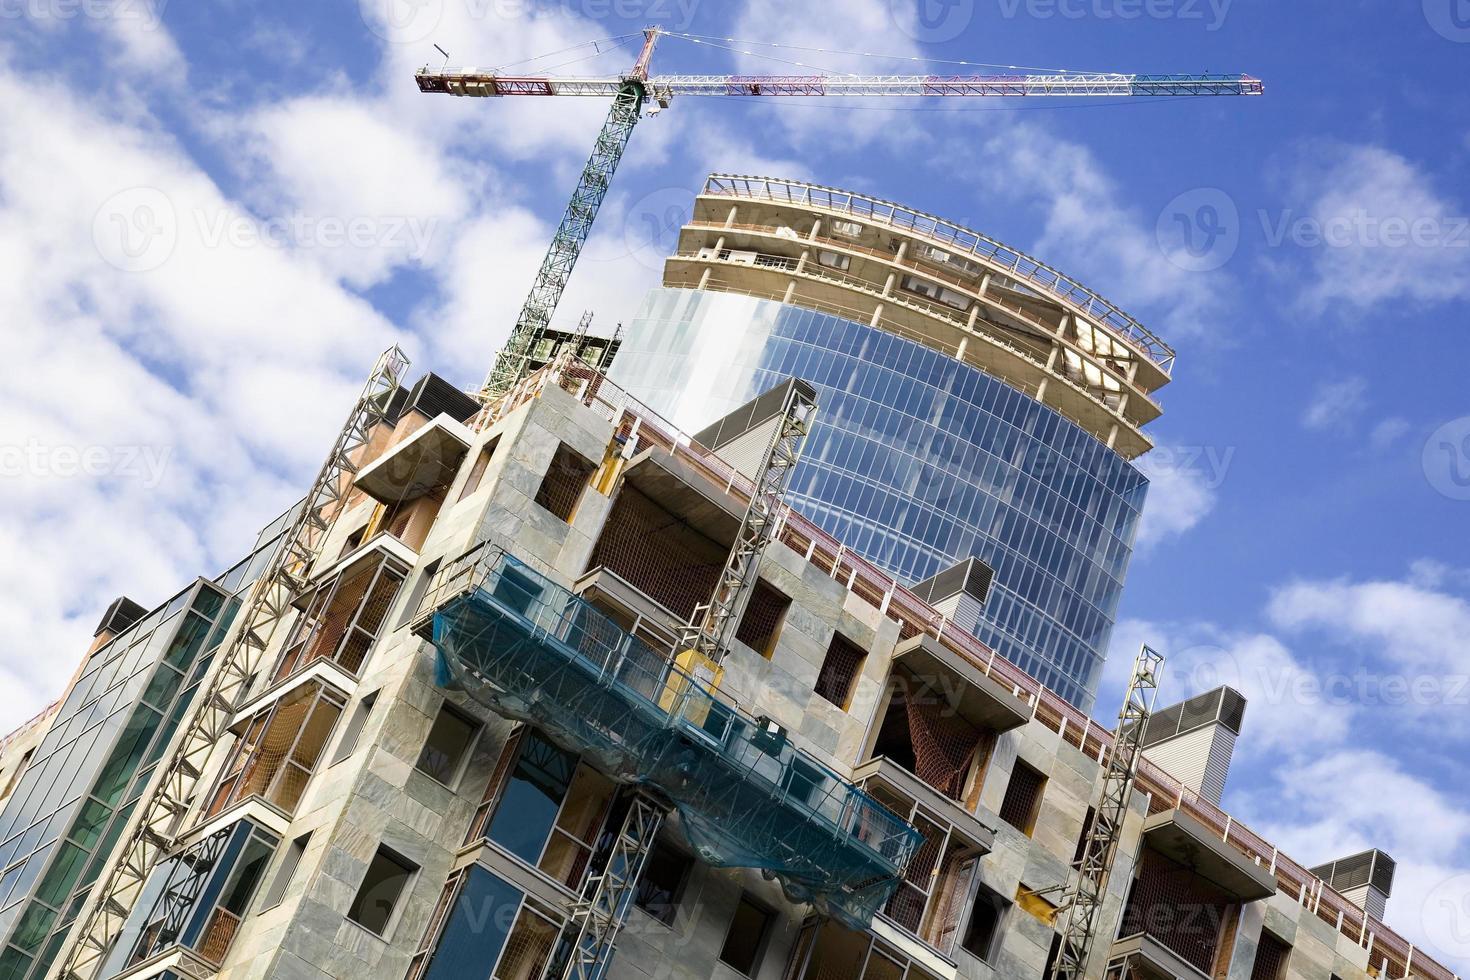 Bauarbeiten im Gange foto